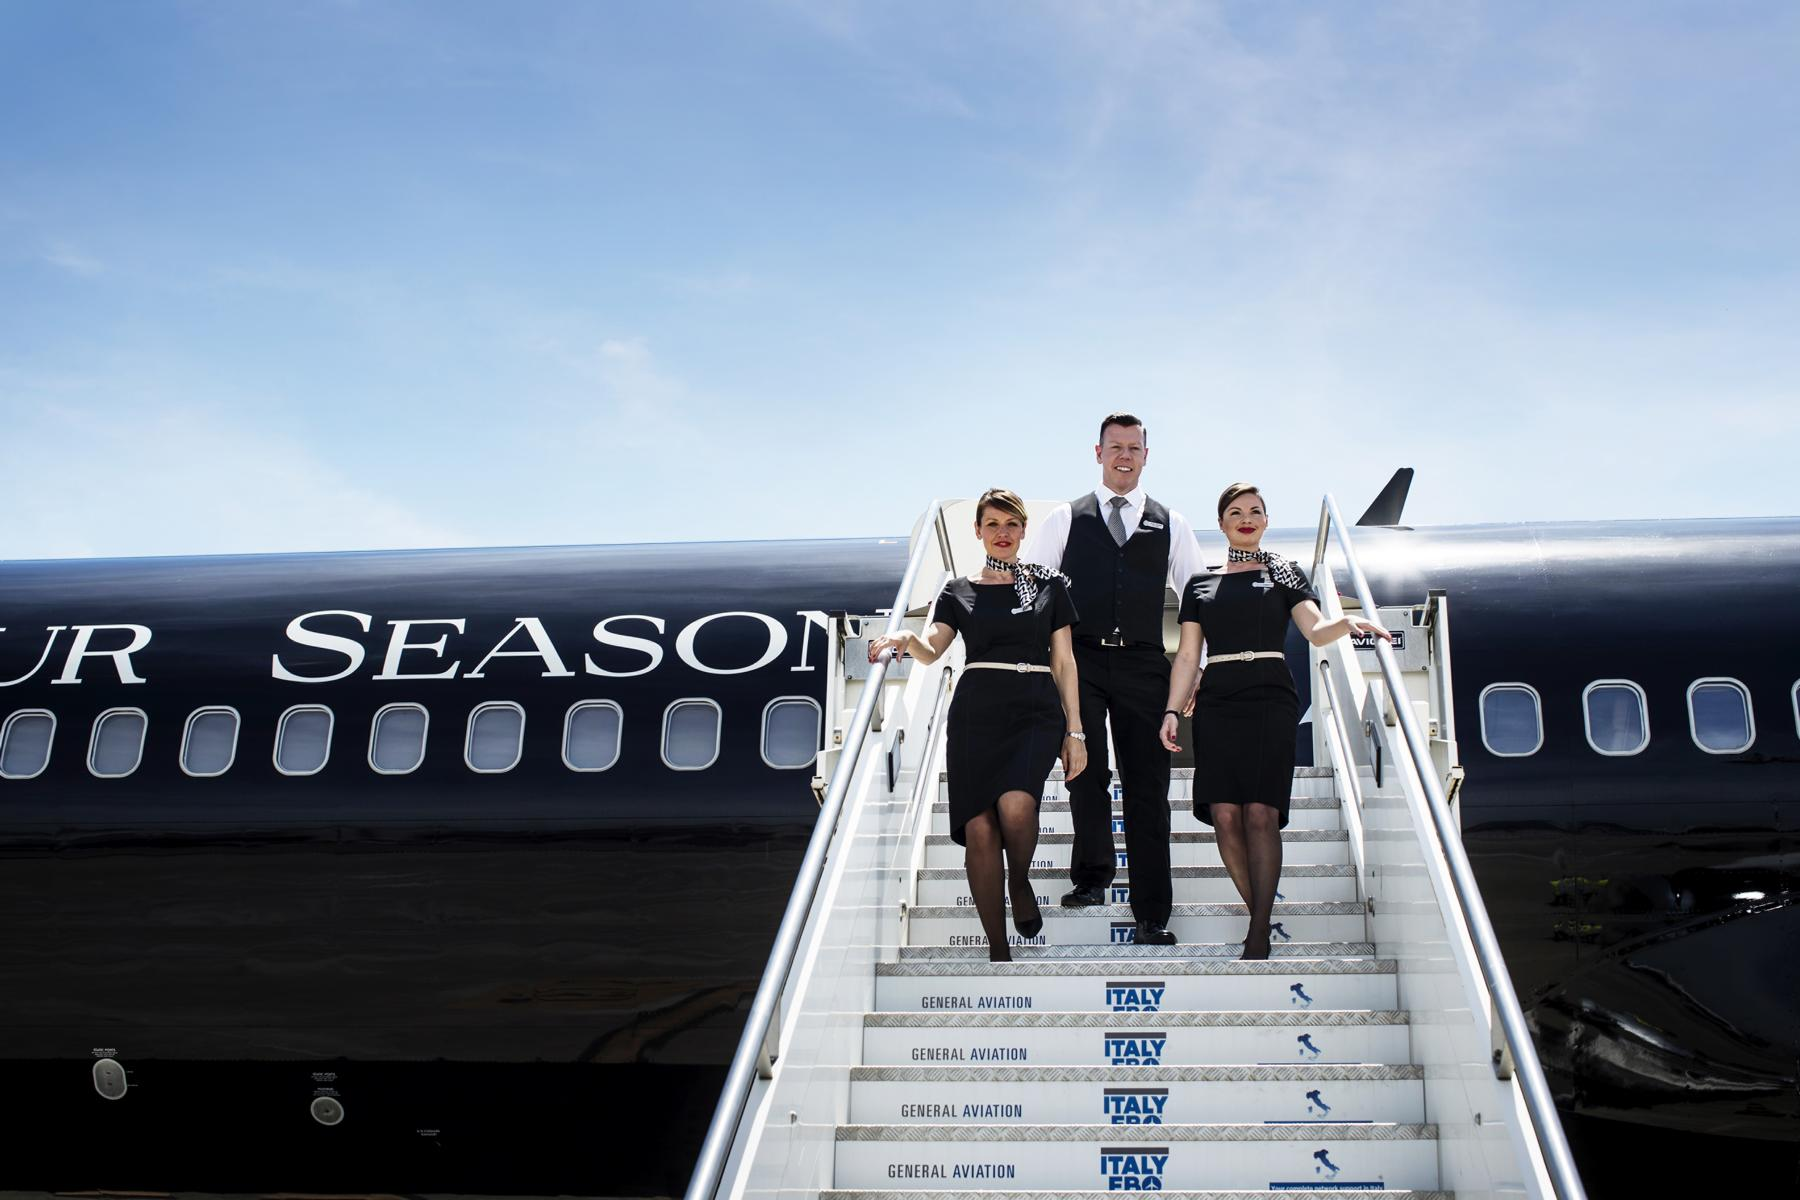 Die Crew des Four Seasons Private Jet vor dem Flugzeug auf der Treppe